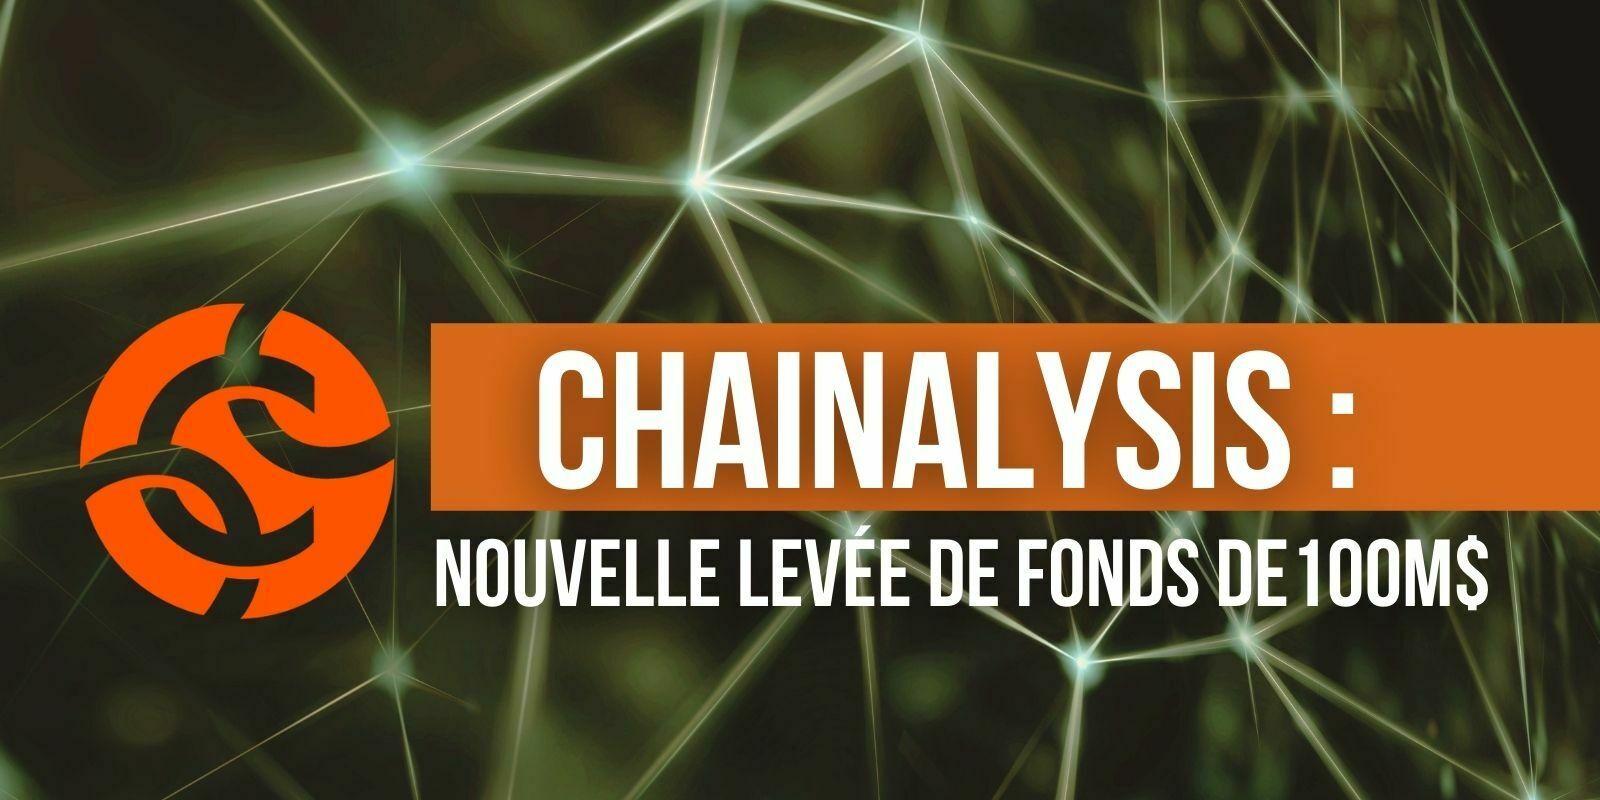 Chainalysis atteint 4,2 milliards de dollars de valorisation après une levée de fonds de 100M$